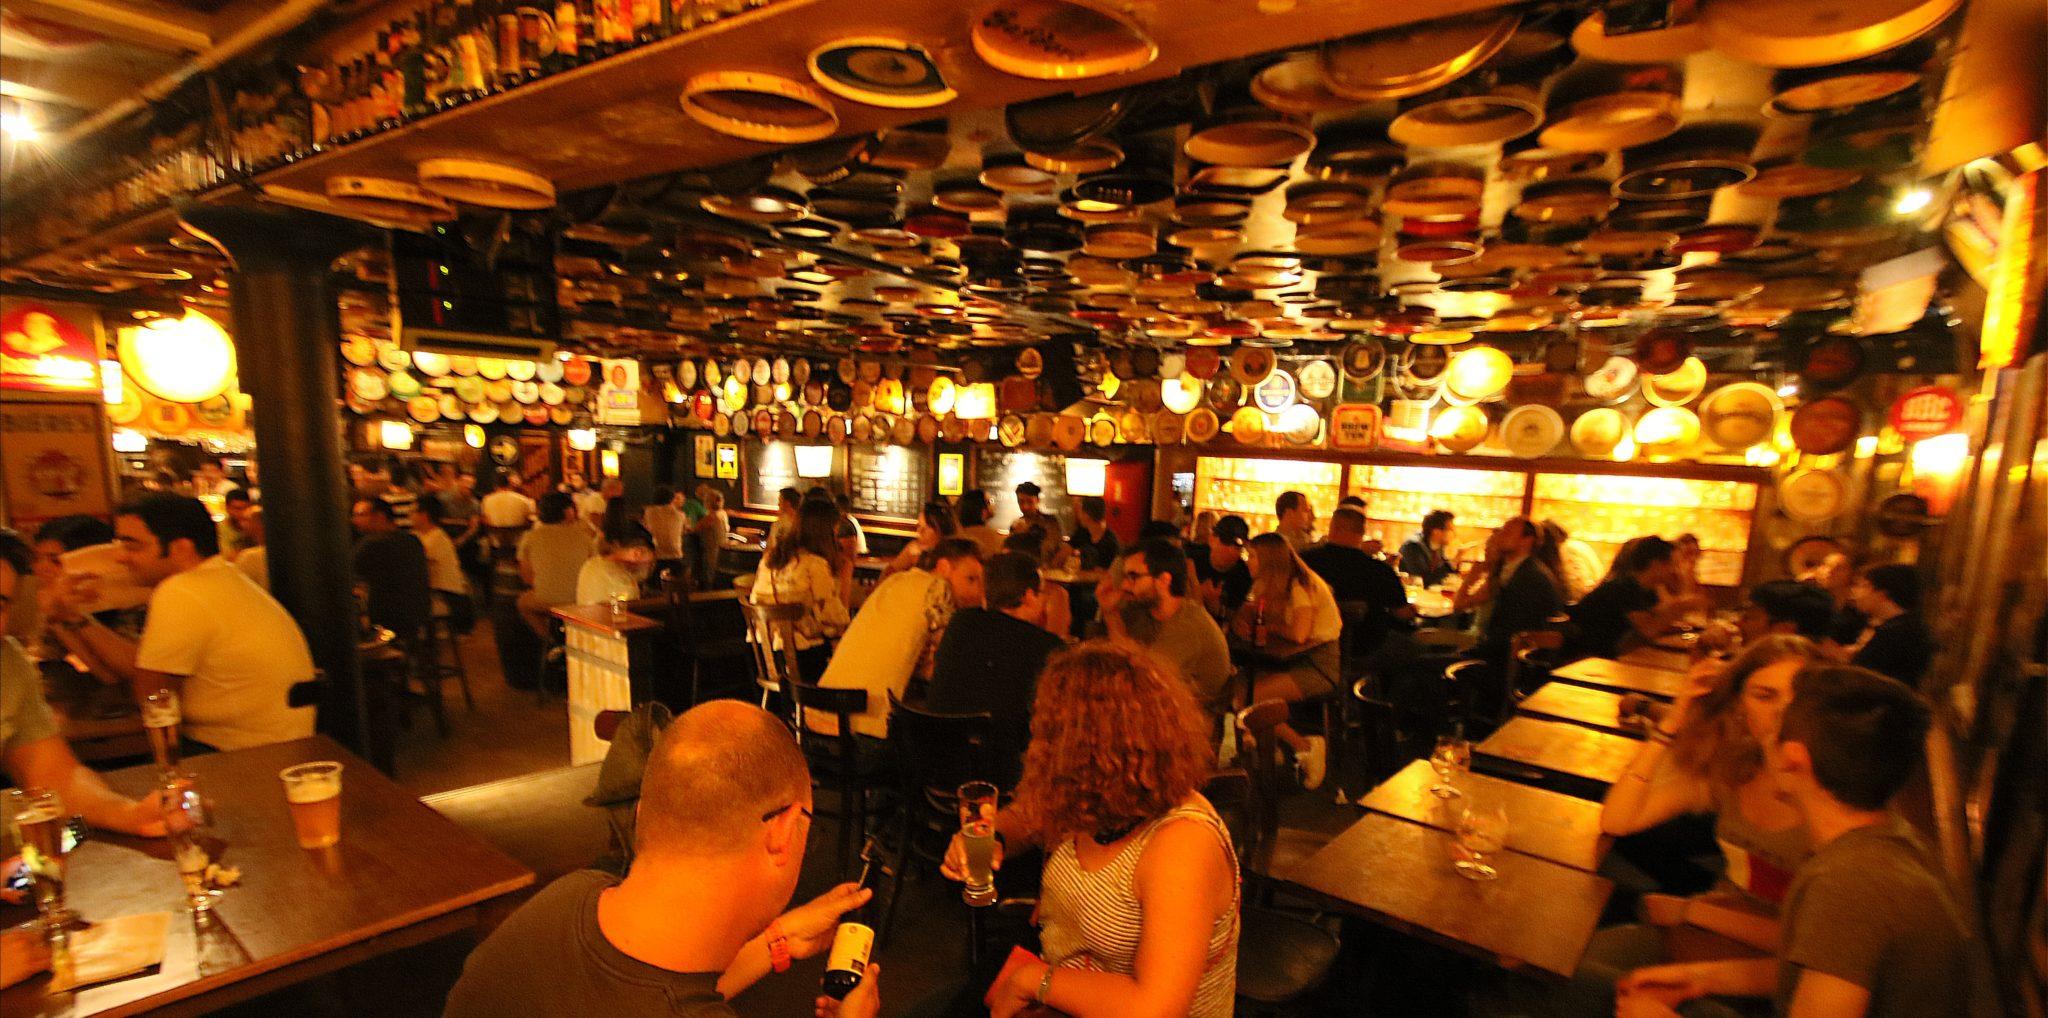 Delirium Cafe Brussels Delirium Village